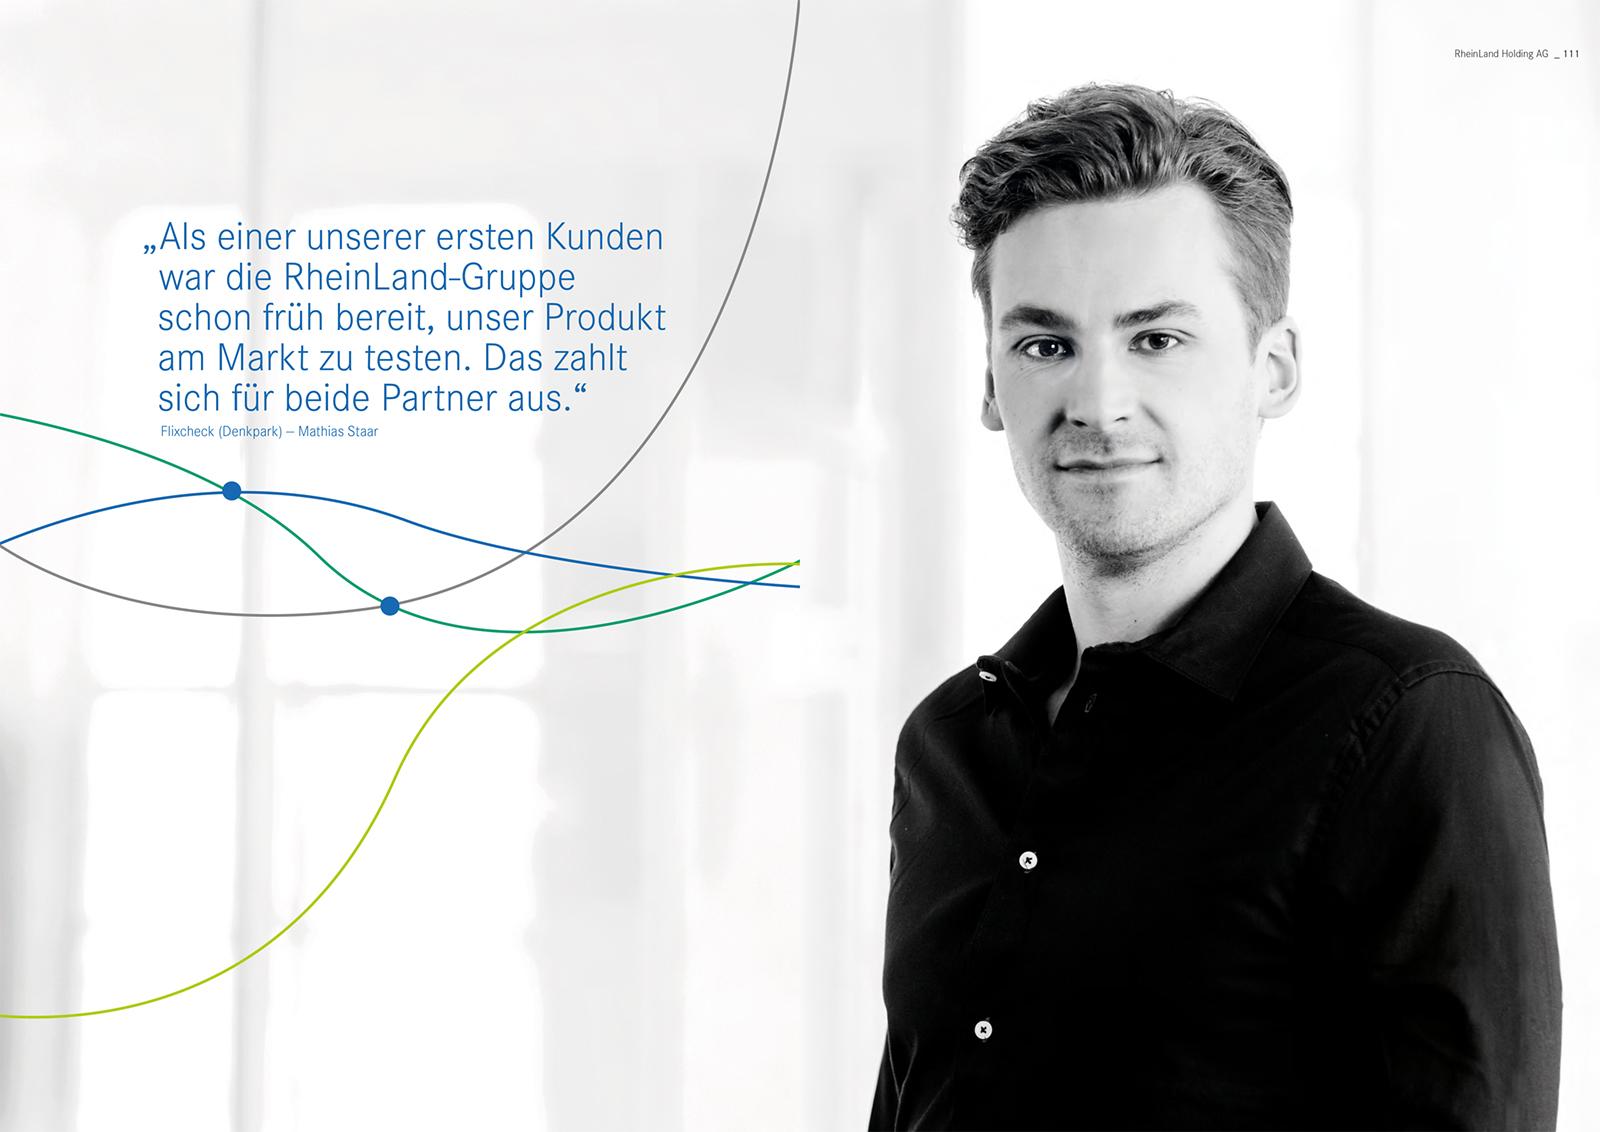 02 rheinland holding ag versicherung geschaeftsbericht 2019 - Geschäftsbericht der RheinLand Holding AG